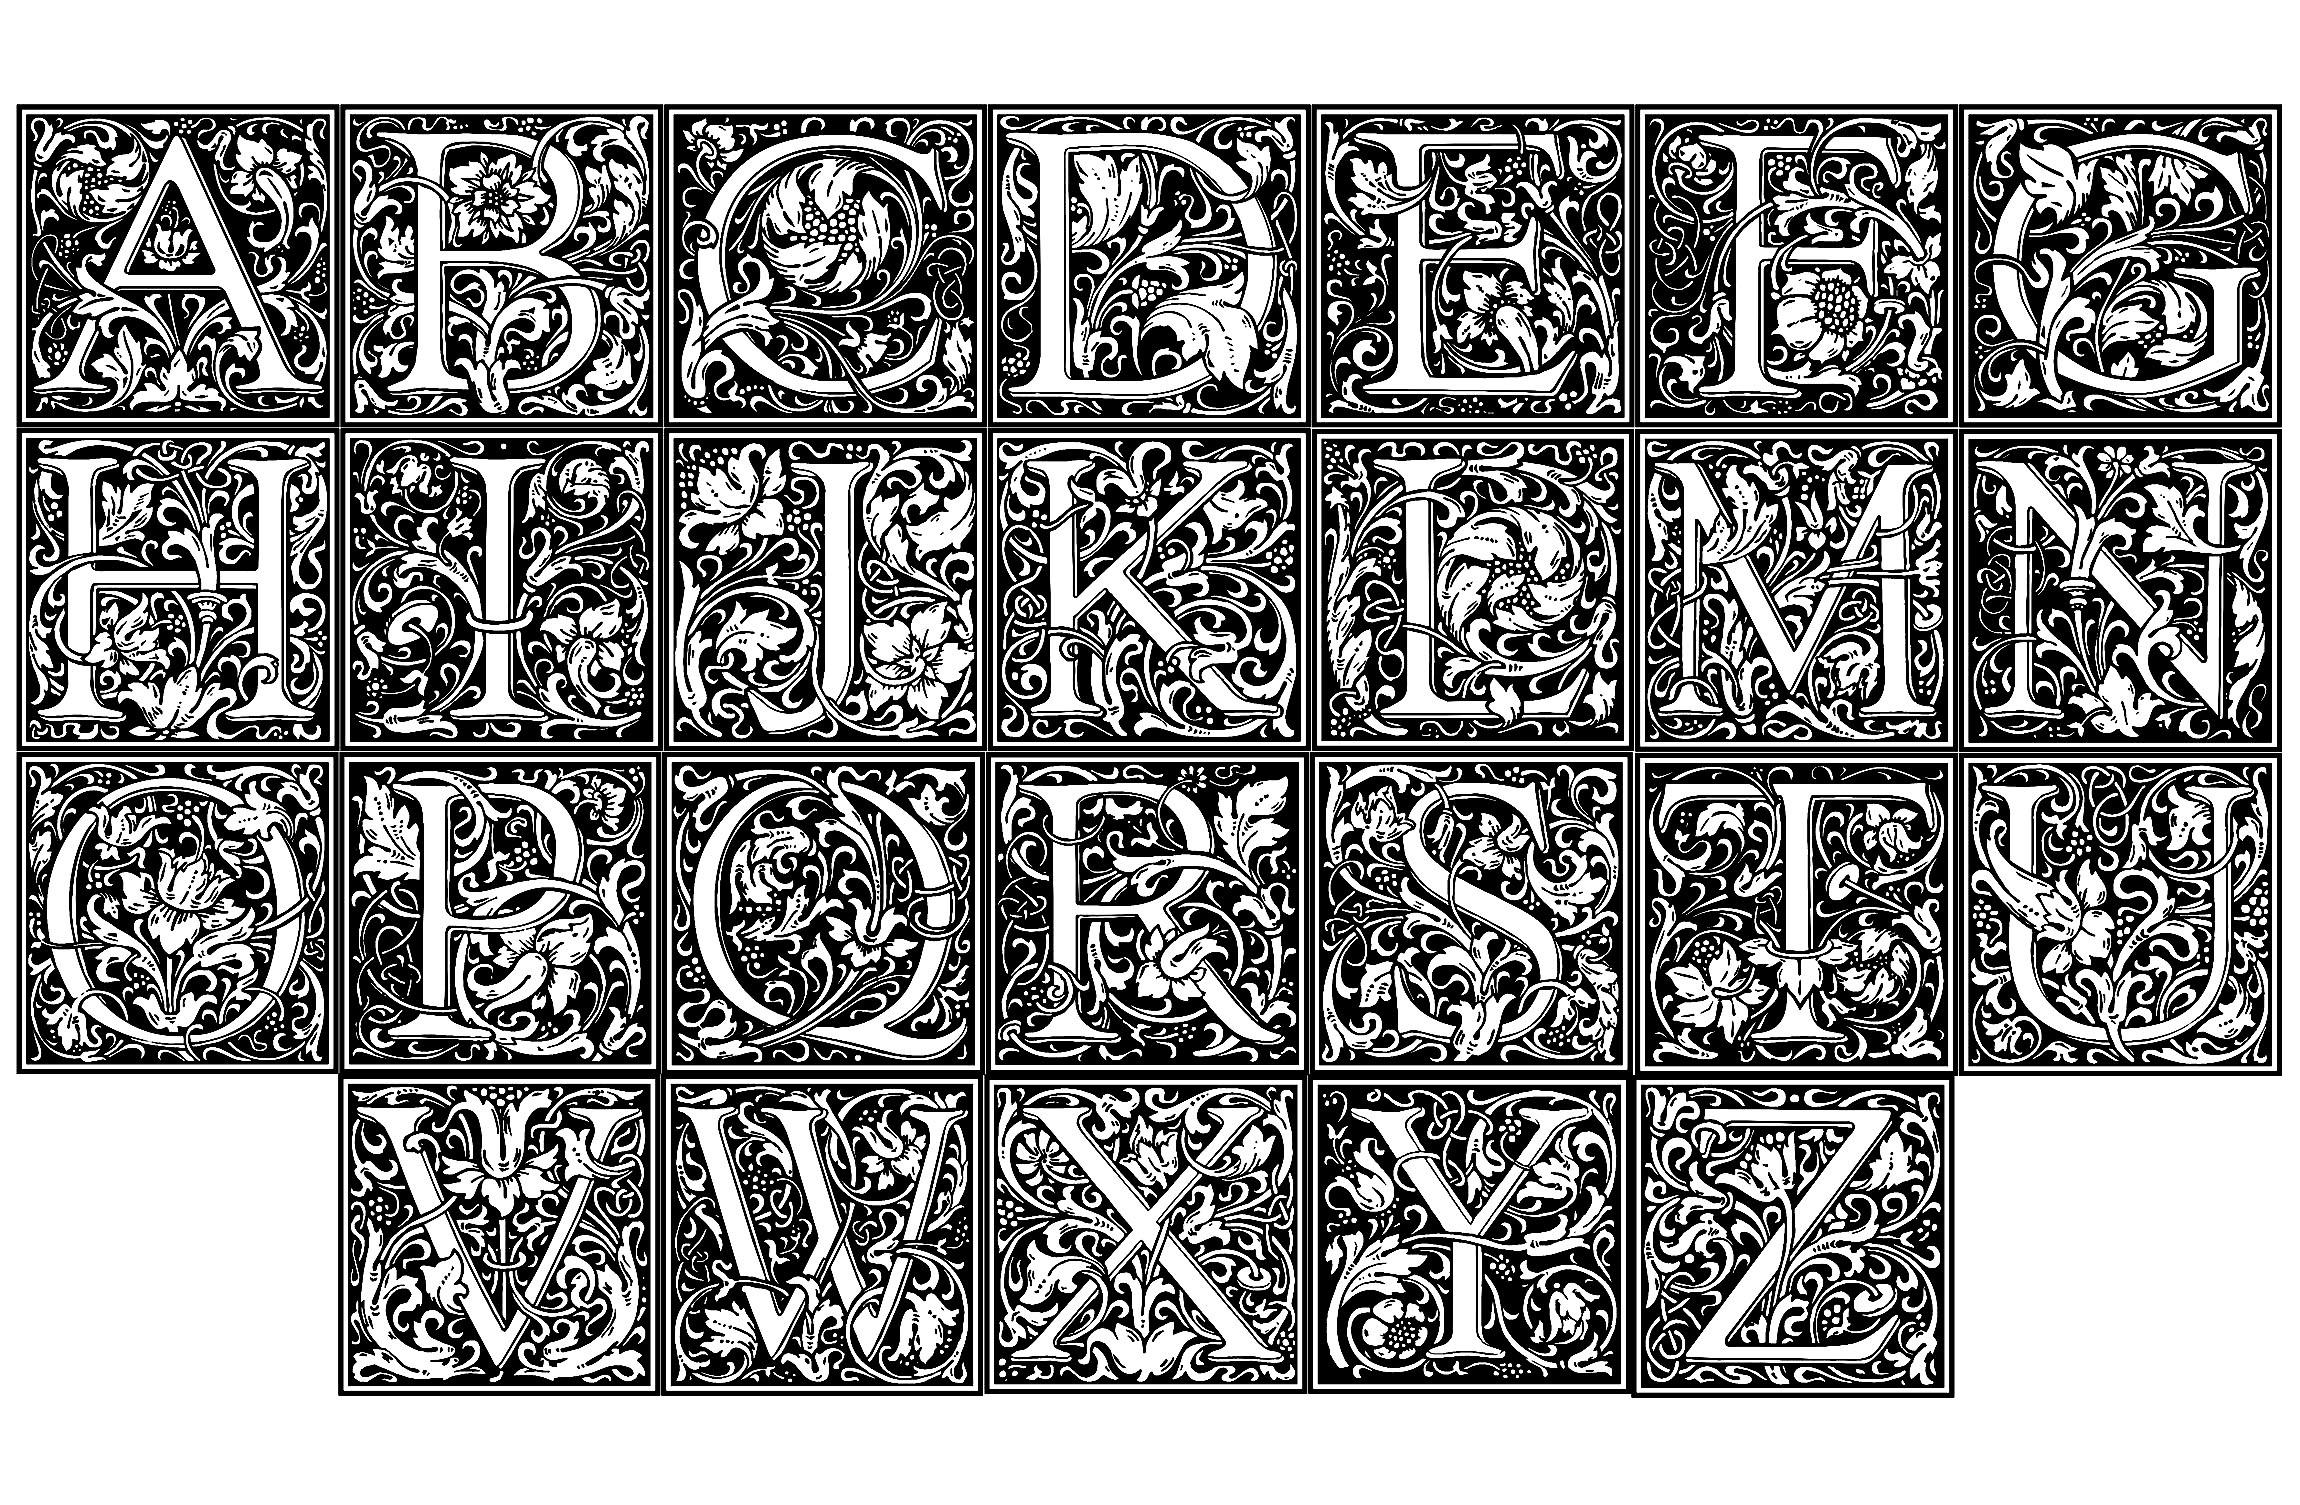 Alphabet William Morris - Anti-Stress & Art-Thérapie serapportantà Coloriage Alphabet Complet A Imprimer